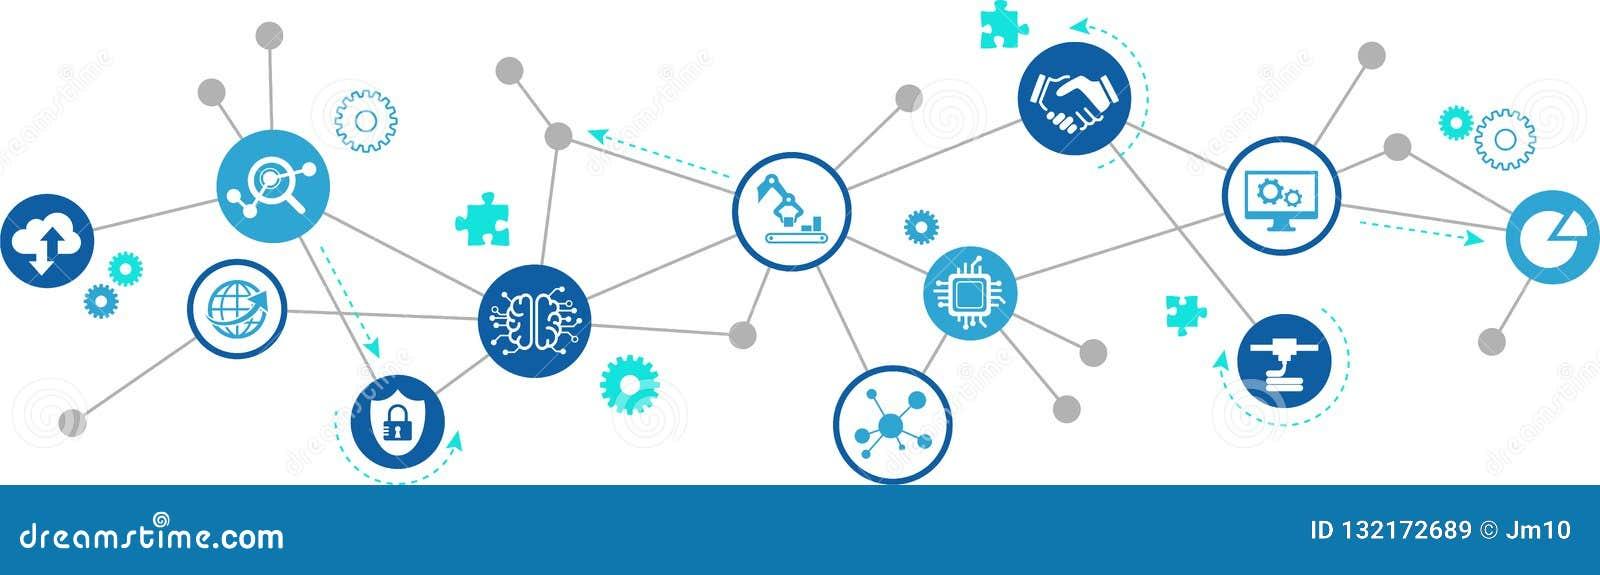 聪明的工厂,聪明的产业,iot概念:大数据/云彩解答/创新生产/模仿